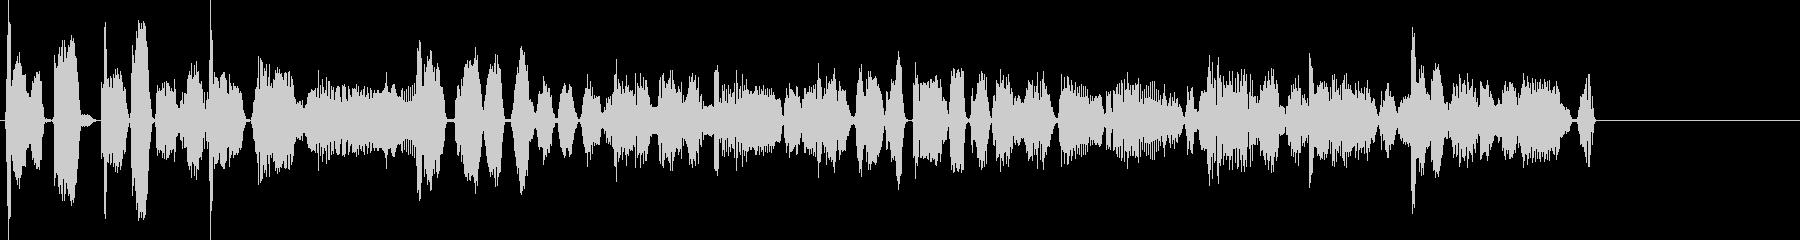 ファンクなジングル向けBGMの未再生の波形